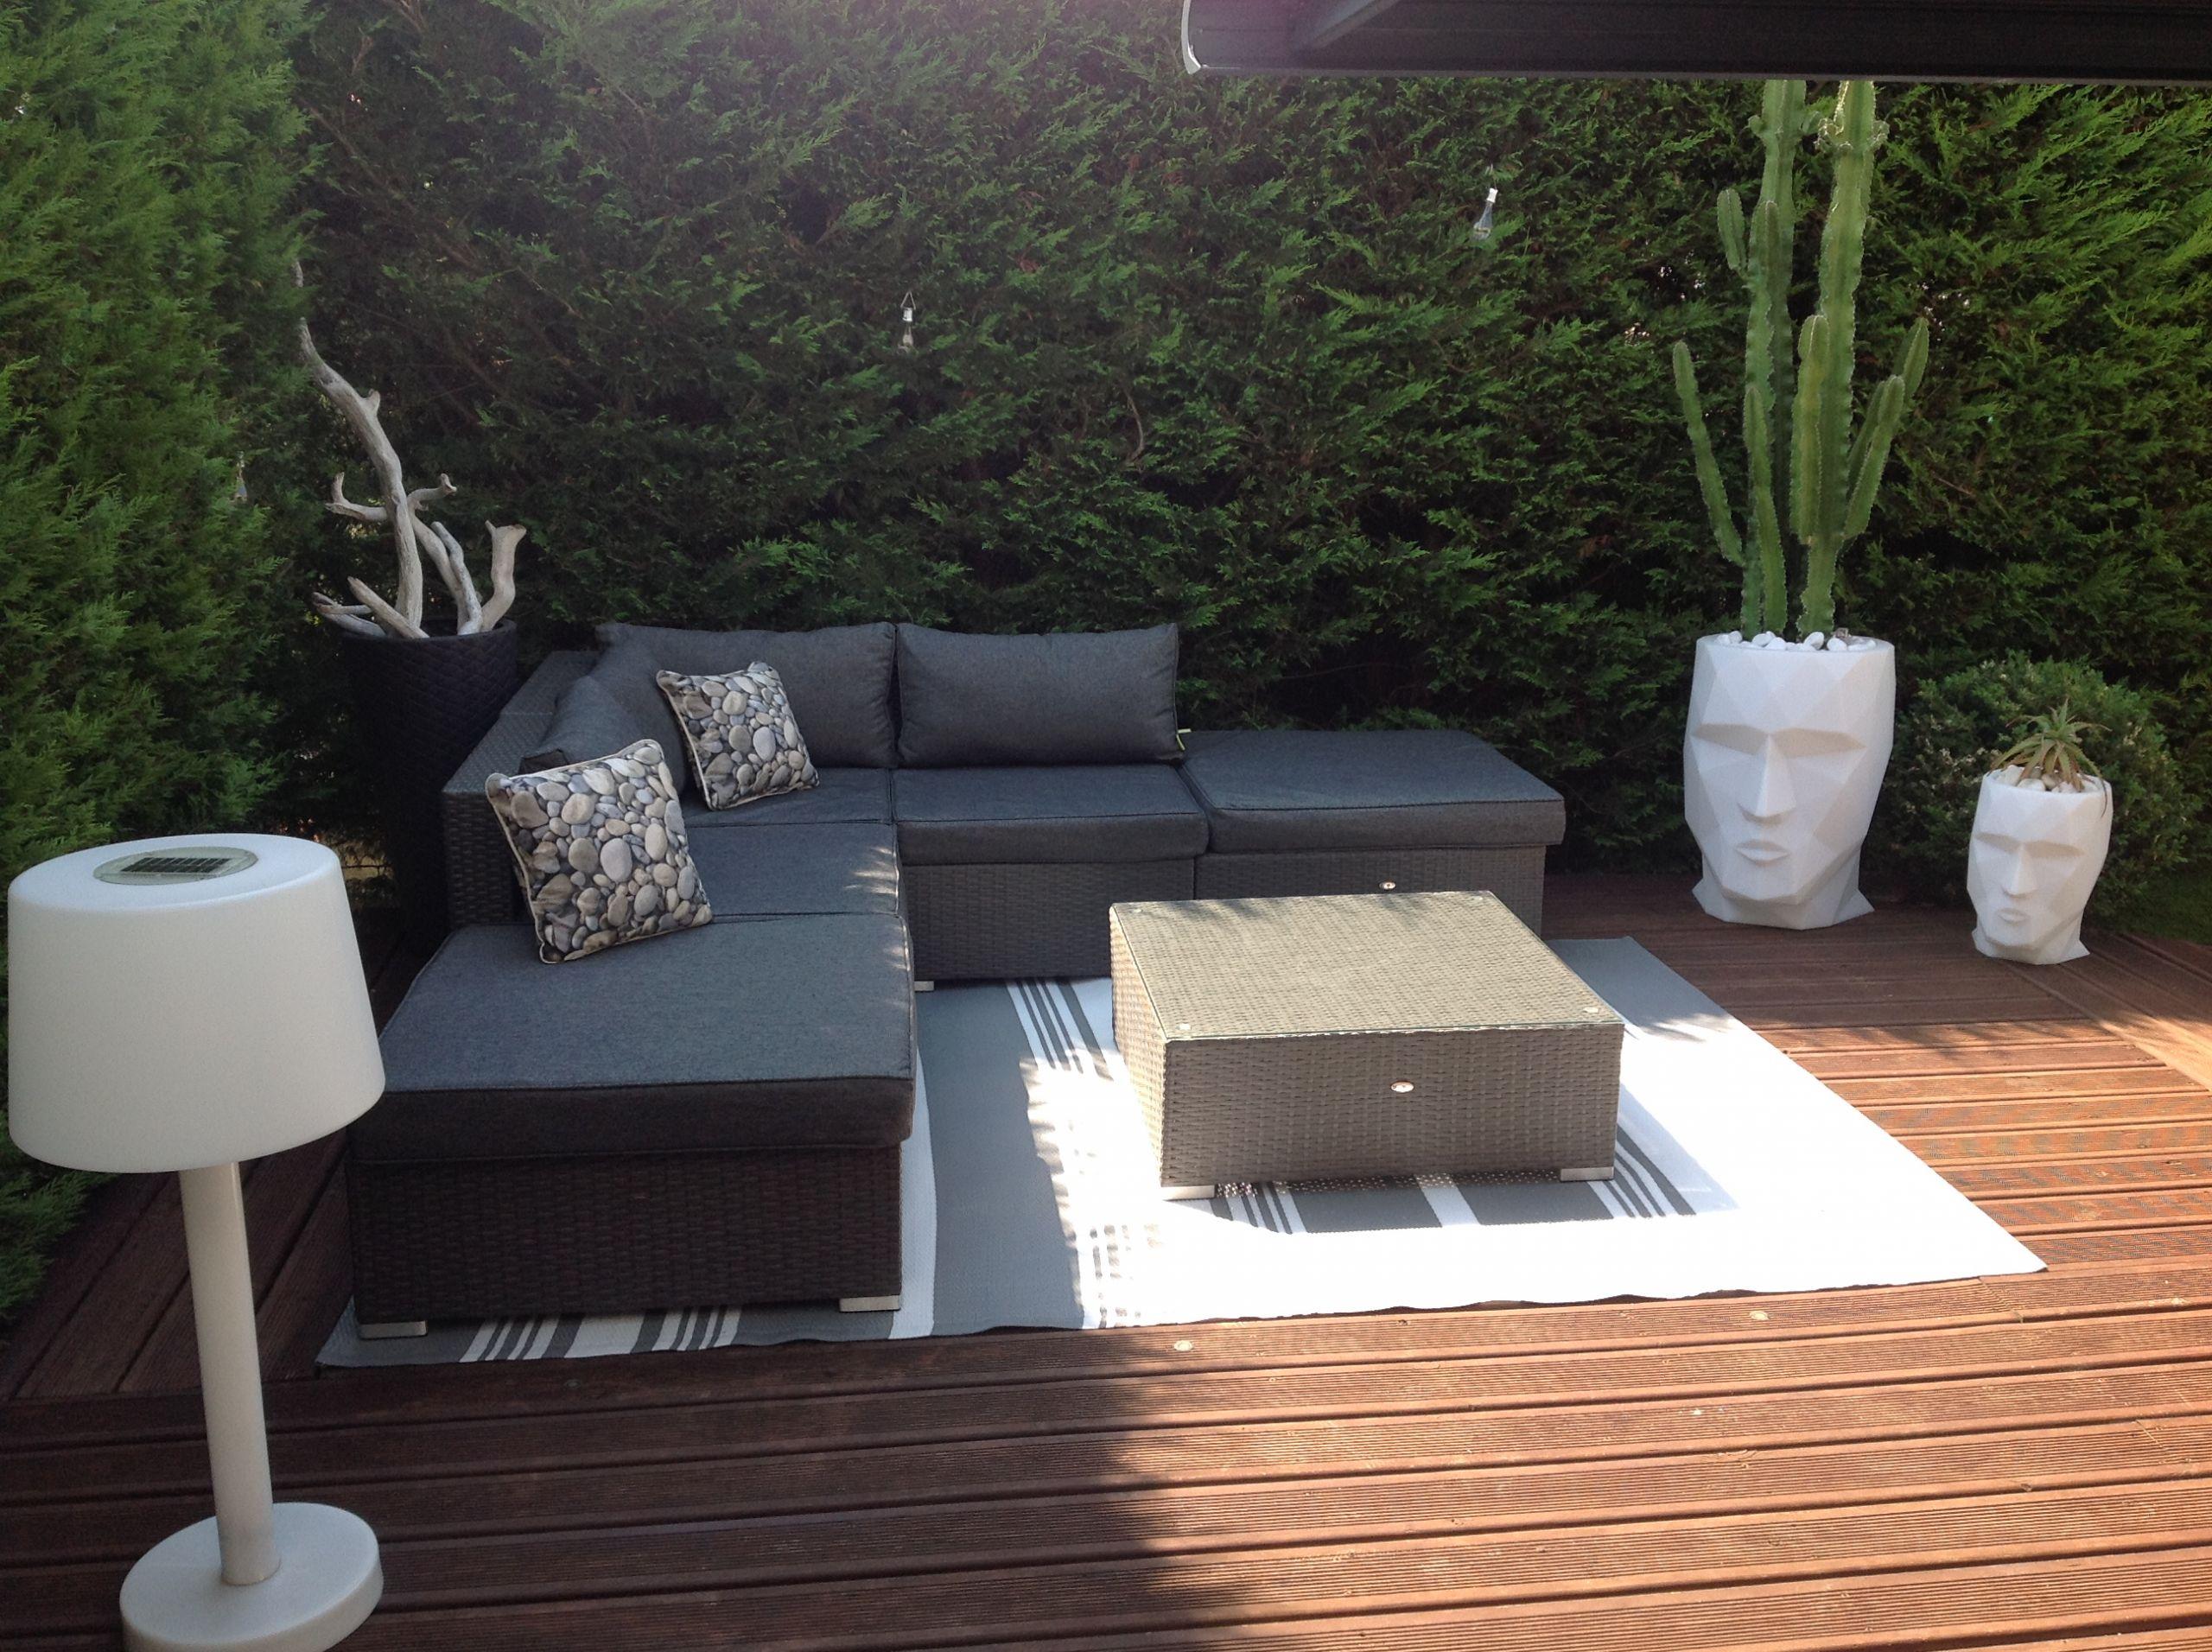 Chambre Enfant Deco De Jardin Design Inspirations Avec Deco Exterieure Design Milano Salon Jardin Places Resine Tressee Terrasse Inspiration Deco Desig Exterieur Design Nain De Pas